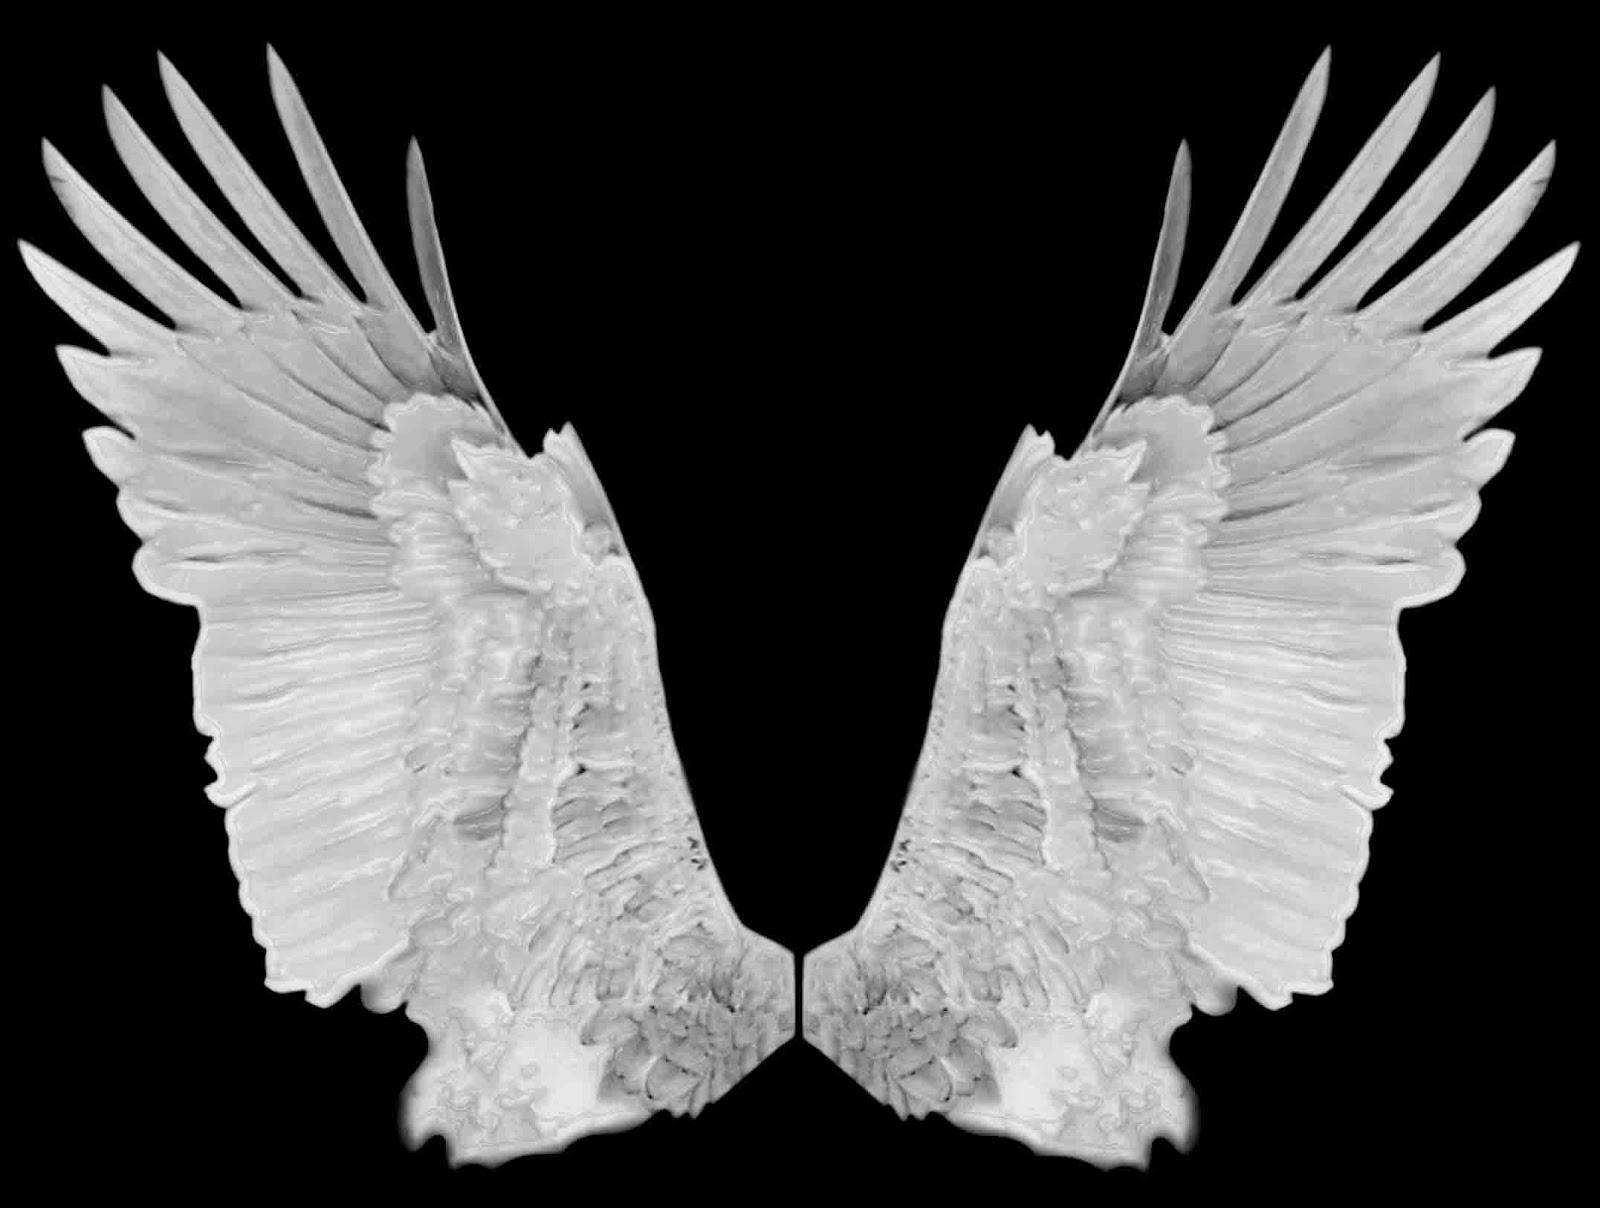 каждой картинка крыло ангела файл загрузится сервер